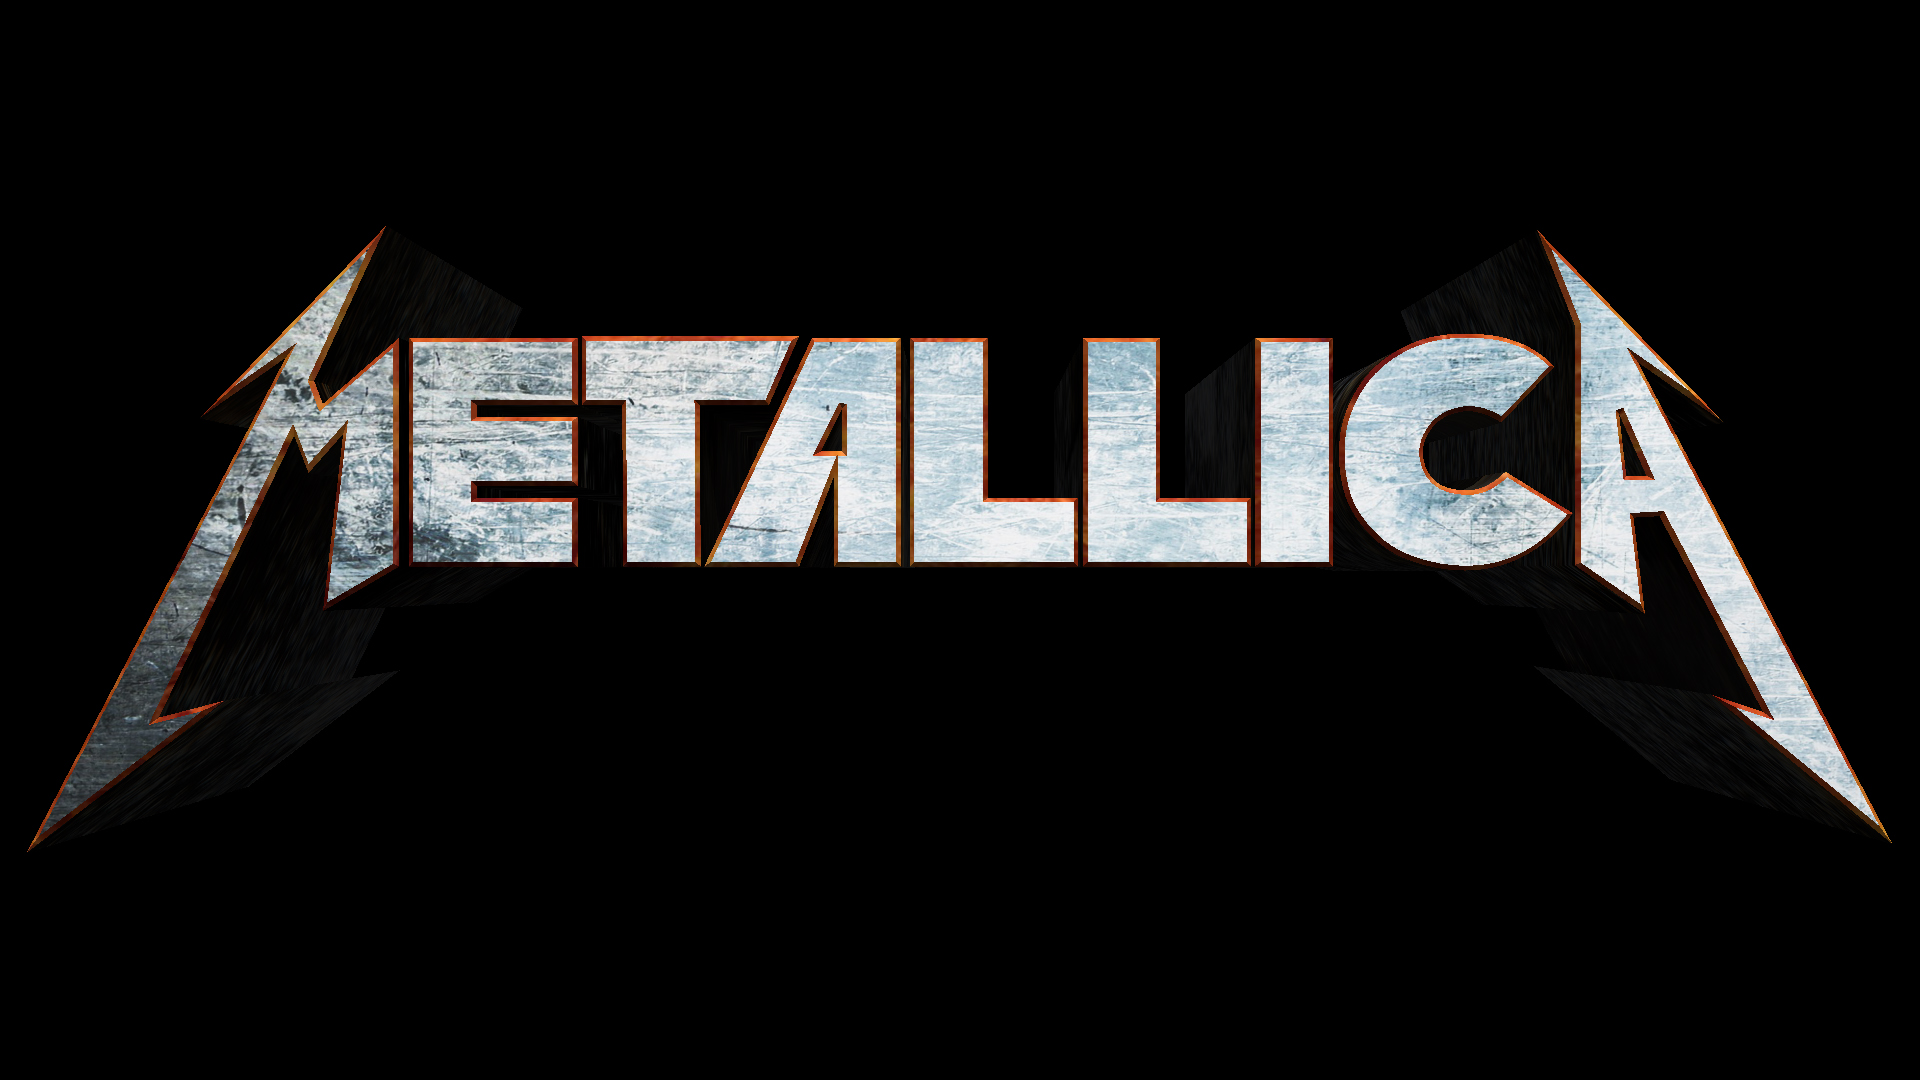 Metallica Wallpapers - Metallica Wallpapers